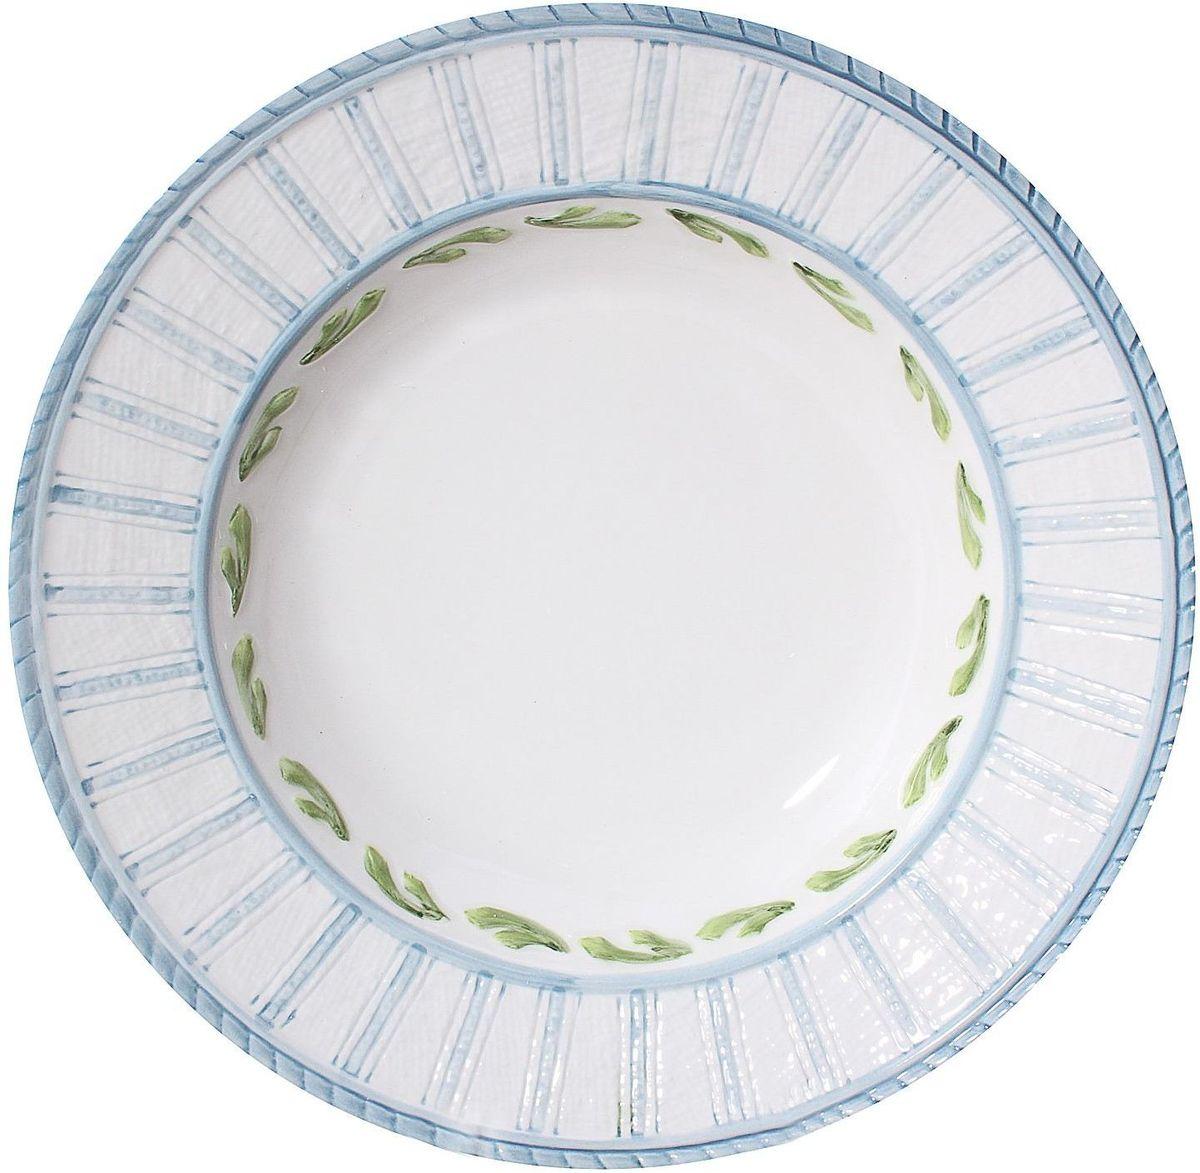 Тарелка суповая Lamart Морская жизнь, диаметр 25 см54 009312Любите качественные, а вместе с этим стильные и запоминающиеся вещи? Тогда вы наверняка оцените замечательную тарелку серии Морская жизнь известной итальянской марки Lamart. Светлая бело-голубая, глубокая, но словно совсем невесомая тарелка с нежно-зеленым орнаментом станет замечательным украшением стола, добавит ему радостного и солнечного настроения: не правда ли, кажется, что она буквально пропитана свежим морским бризом и средиземноморским солнцем? Такие тарелки будут прекрасным подарком хозяйке дома, знающей толк в изысканных и элегантных вещах.